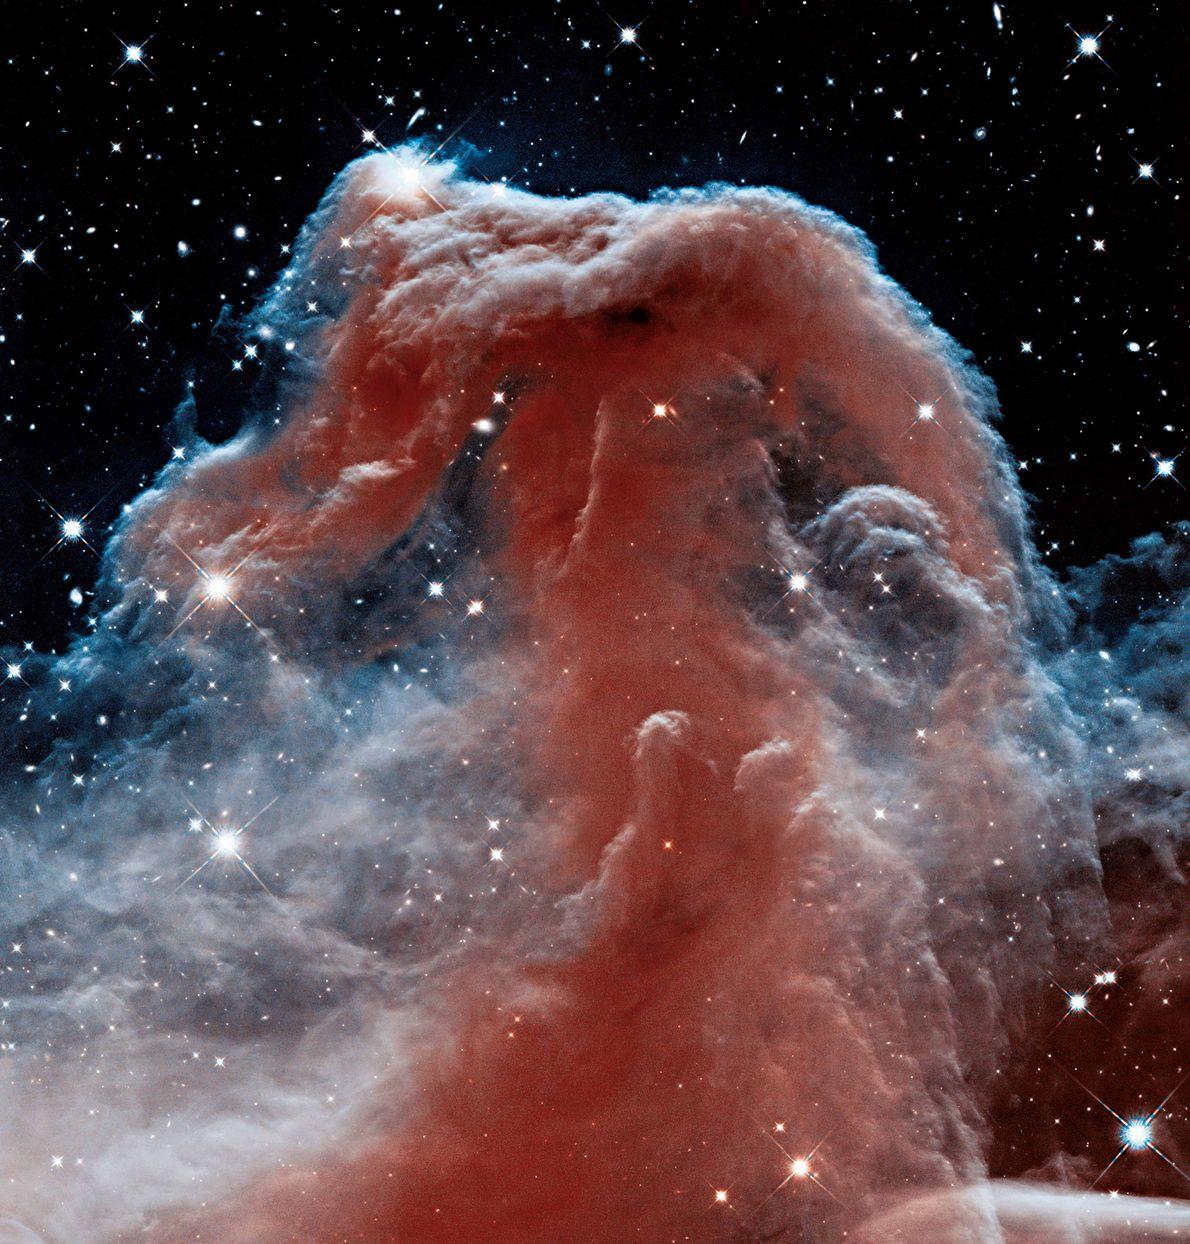 25 ans d'Hubble : les plus belles images du télescope spatial